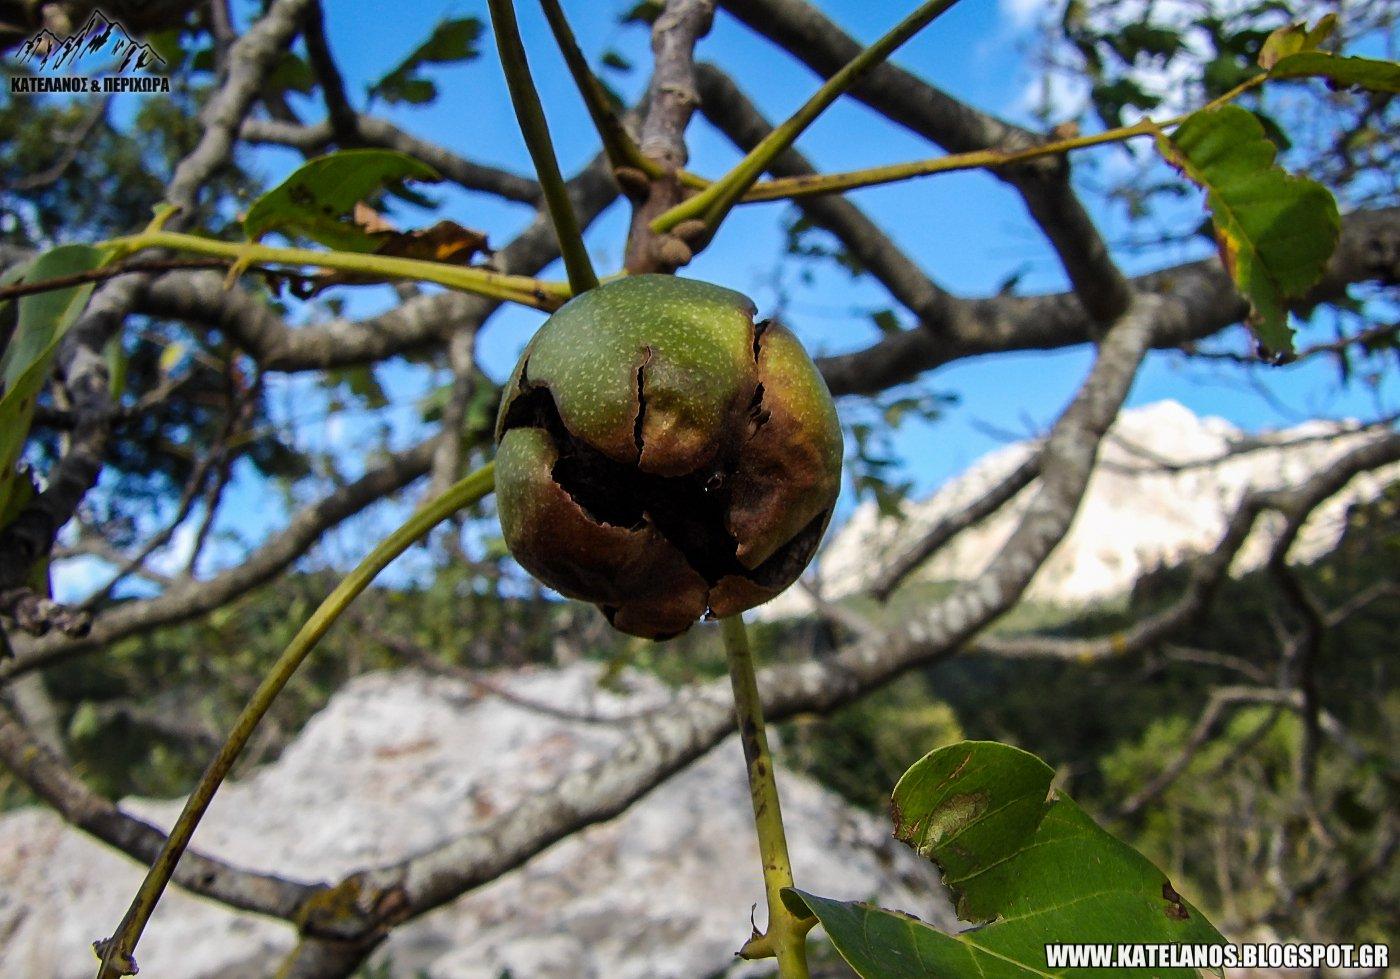 καρύδια ορεινά βιολογικοί ξηροί καρποί παναιτωλικό όρος παρακαμπύλια